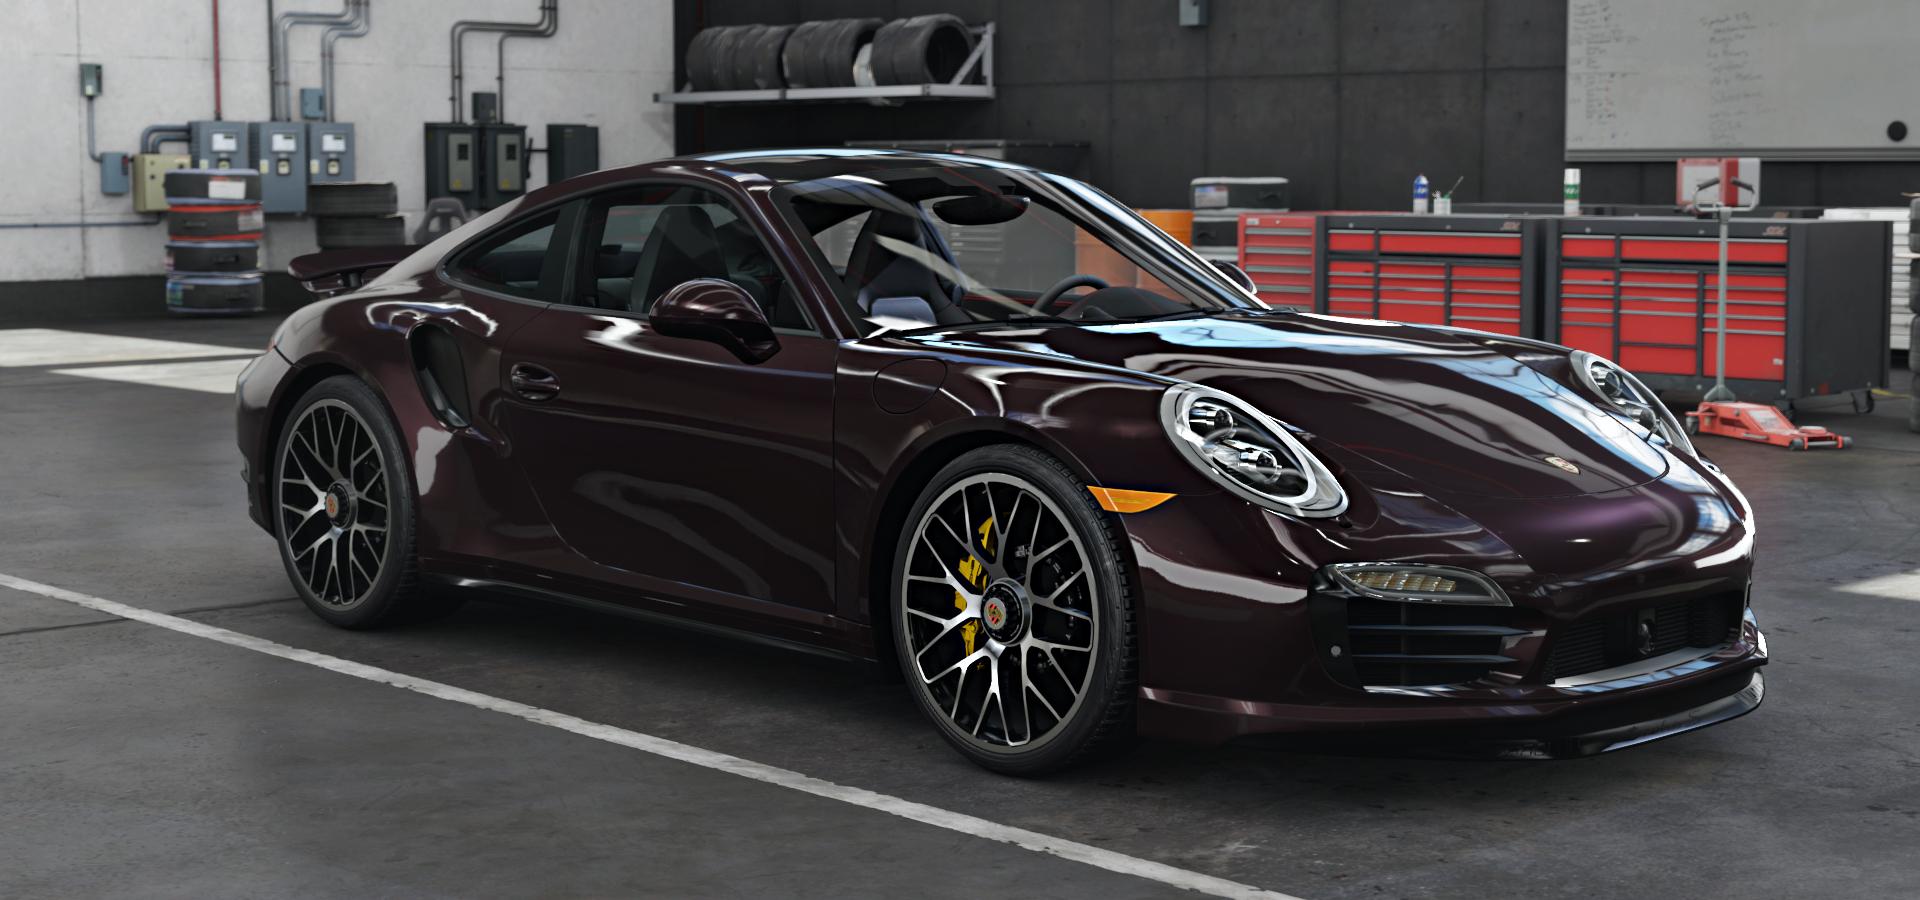 The magnificent Porsche ♠️